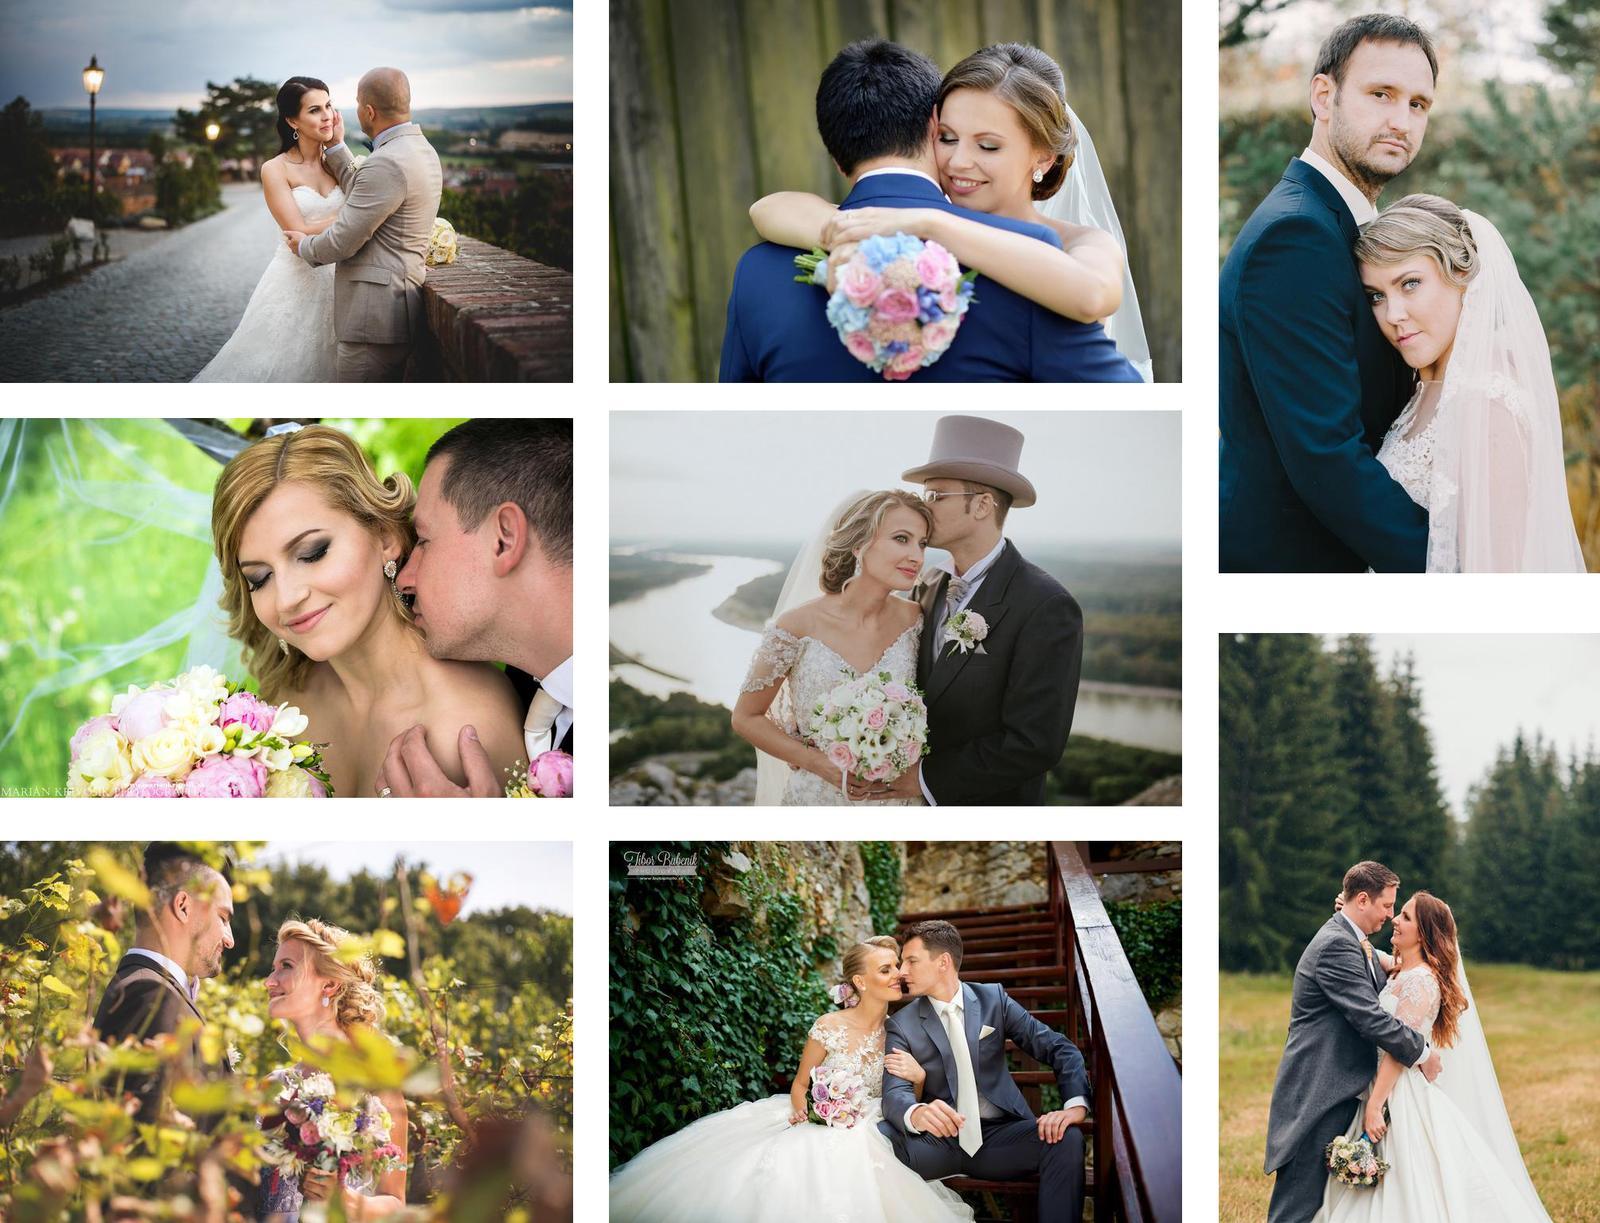 Prednedávnom som nevesty svadobnej sezóny požiadala, aby spomedzi svojich svadobných fotografií vybrali tú svoju najobľúbenejšiu. Tú, ktorá im z nejakého dôvodu najviac prirástla k srdcu. A vznikla z toho zbierka obrázkov nabitých láskou, šťastím a emóciami, ktorú si môžete prezrieť tu: https://www.mojasvadba.sk/naj-svadobne-fotografie-neviest-2016/ Krásny večer prajem :) #magazin - Obrázok č. 1